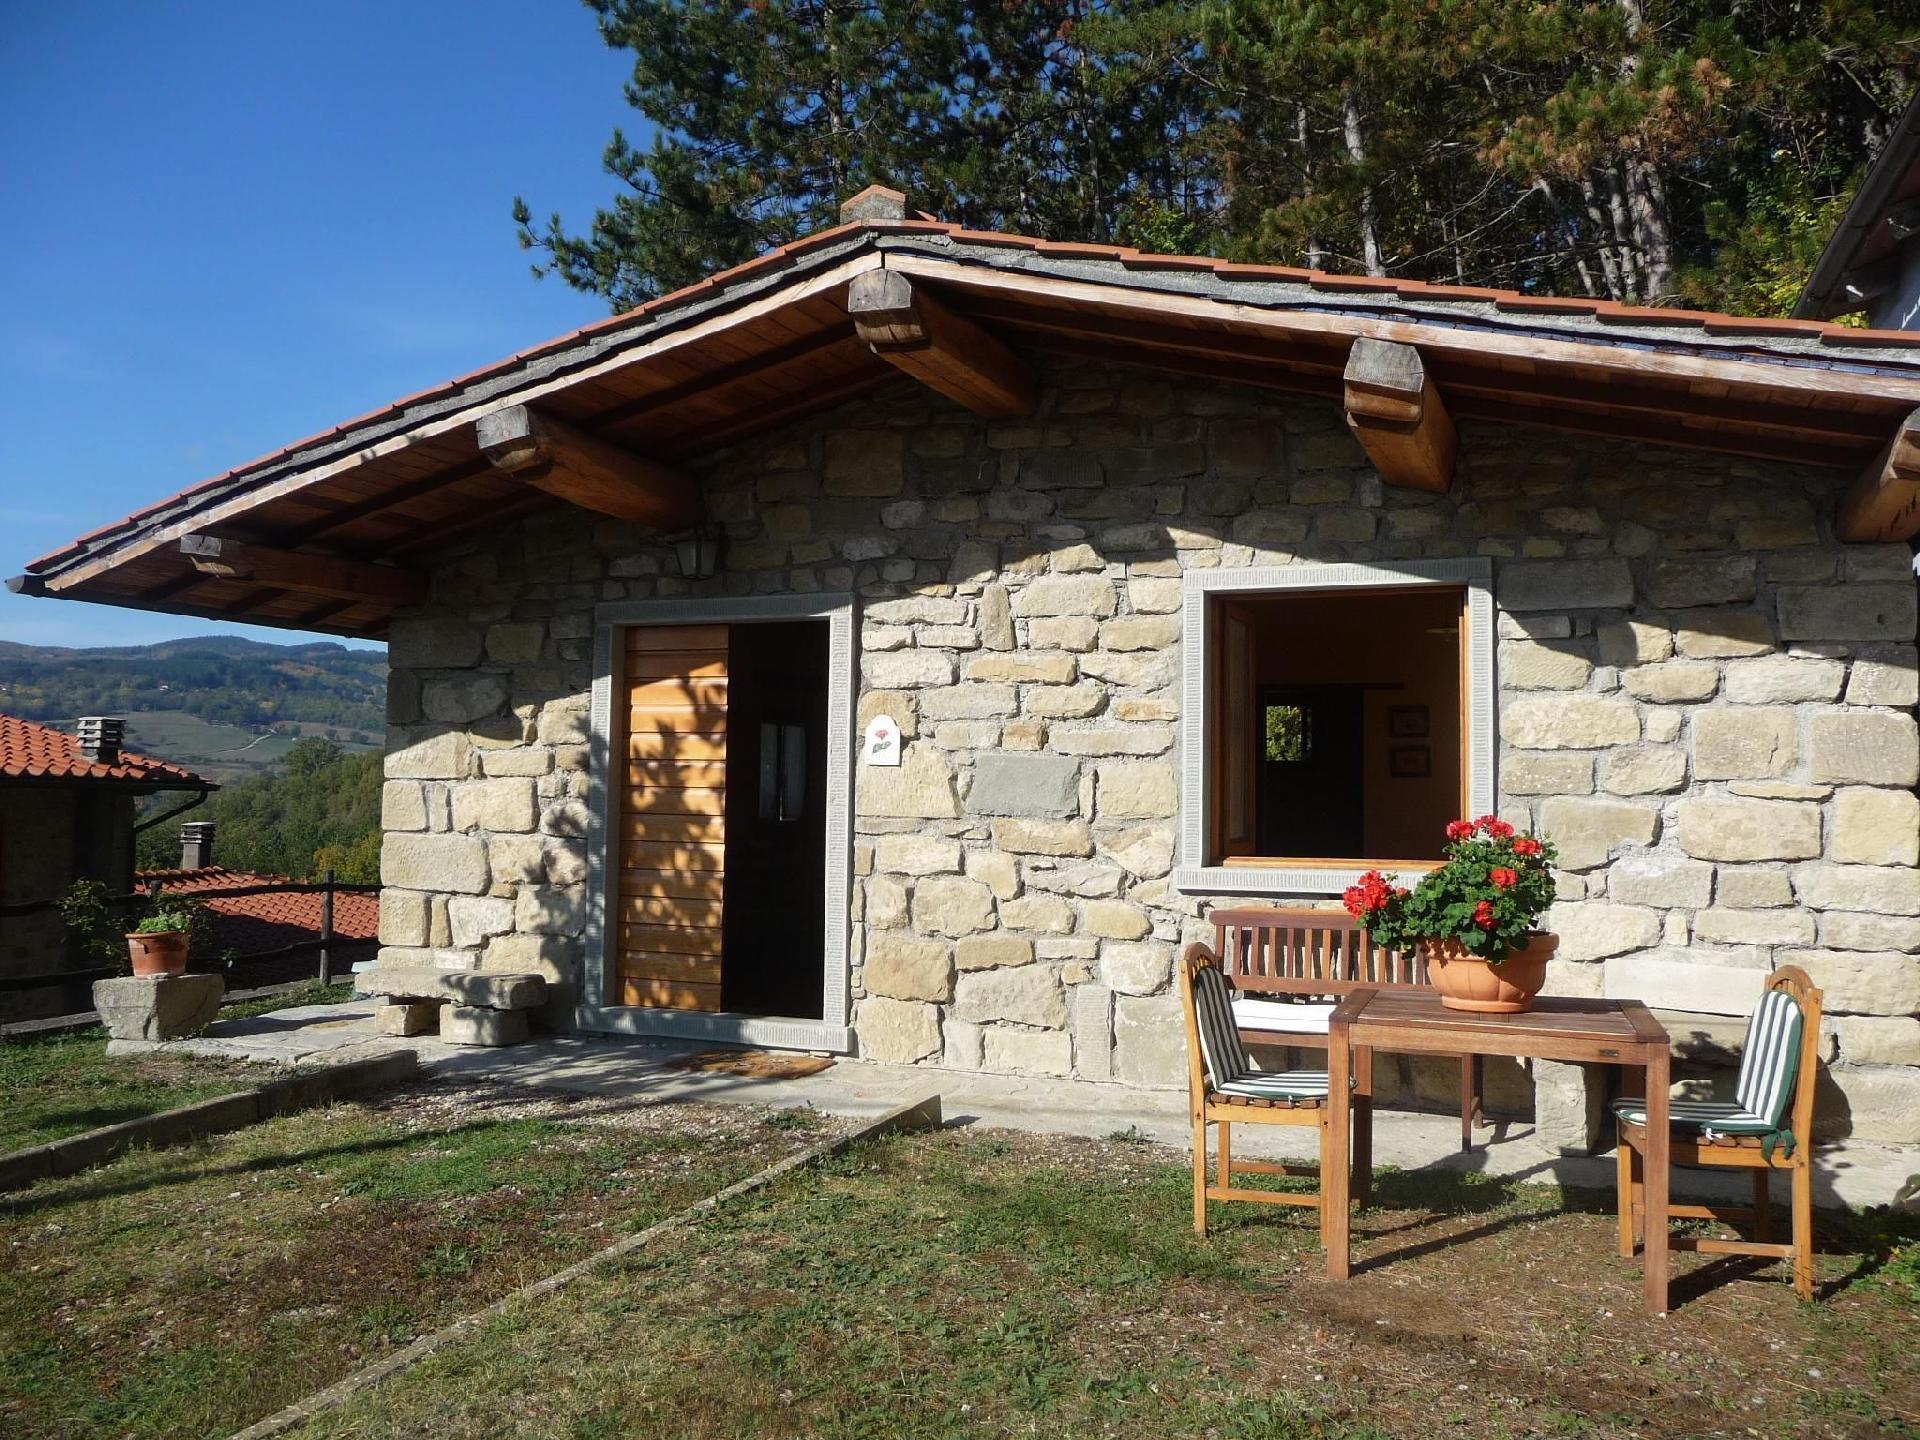 ferienhaus f r 2 personen in pratovecchio atraveo objekt nr 394743. Black Bedroom Furniture Sets. Home Design Ideas